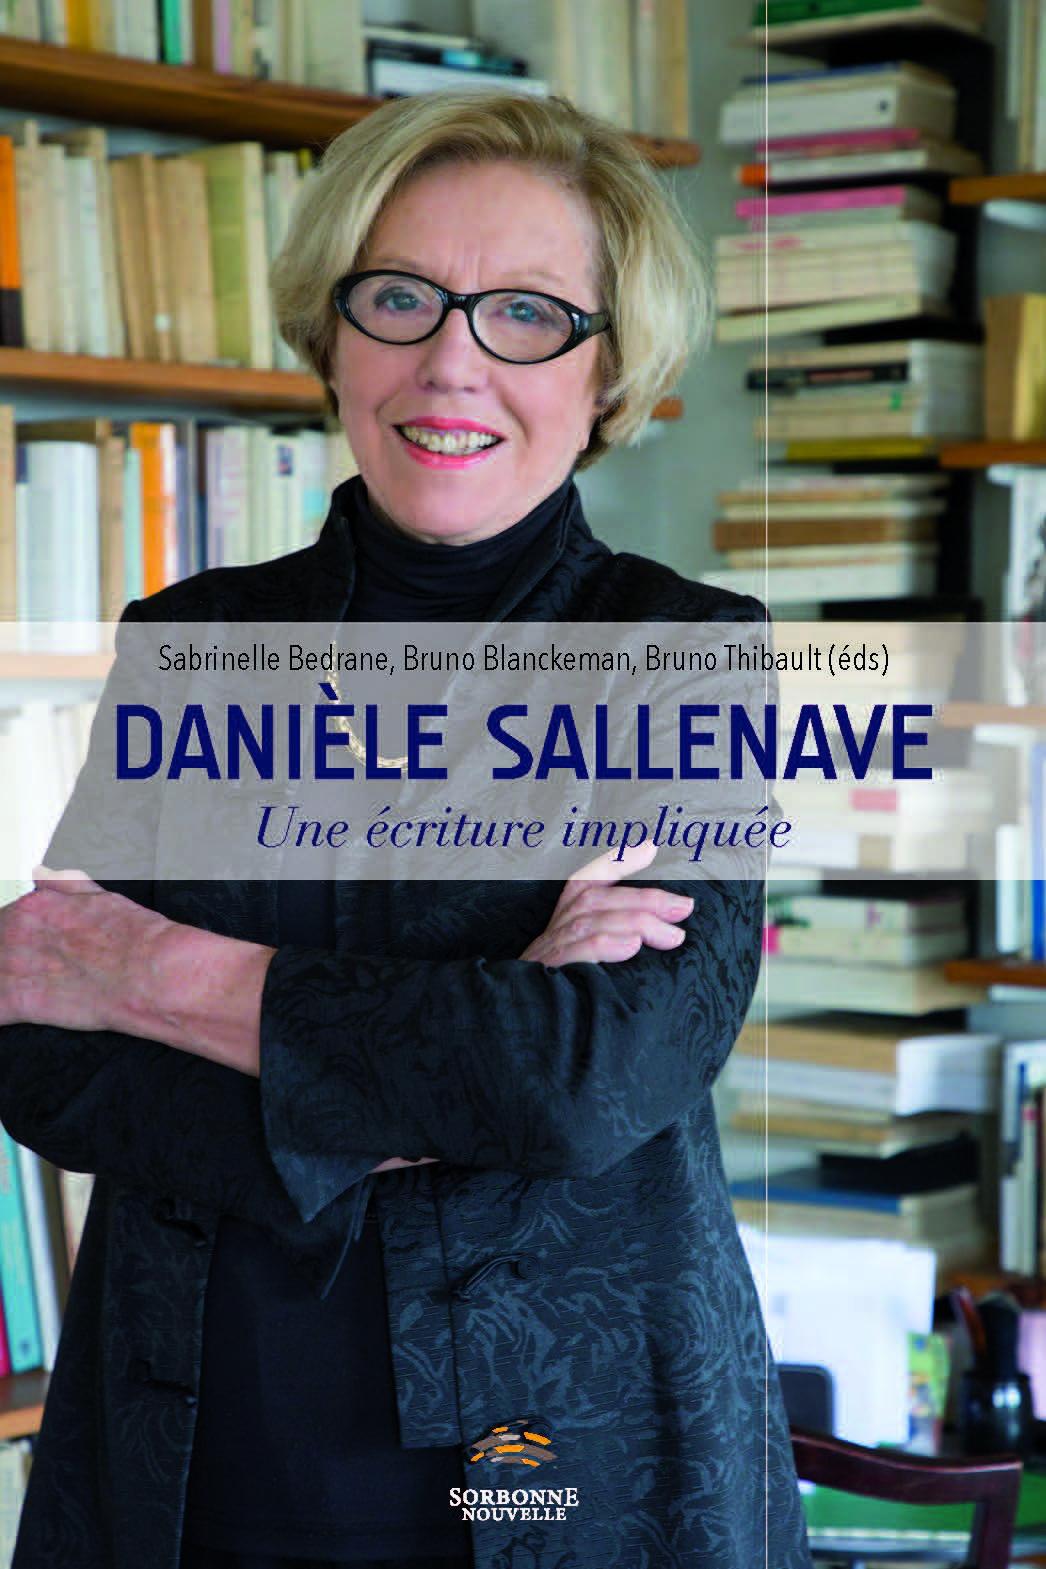 DANIELE SALLENAVE, UNE ECRITURE IMPLIQUEE